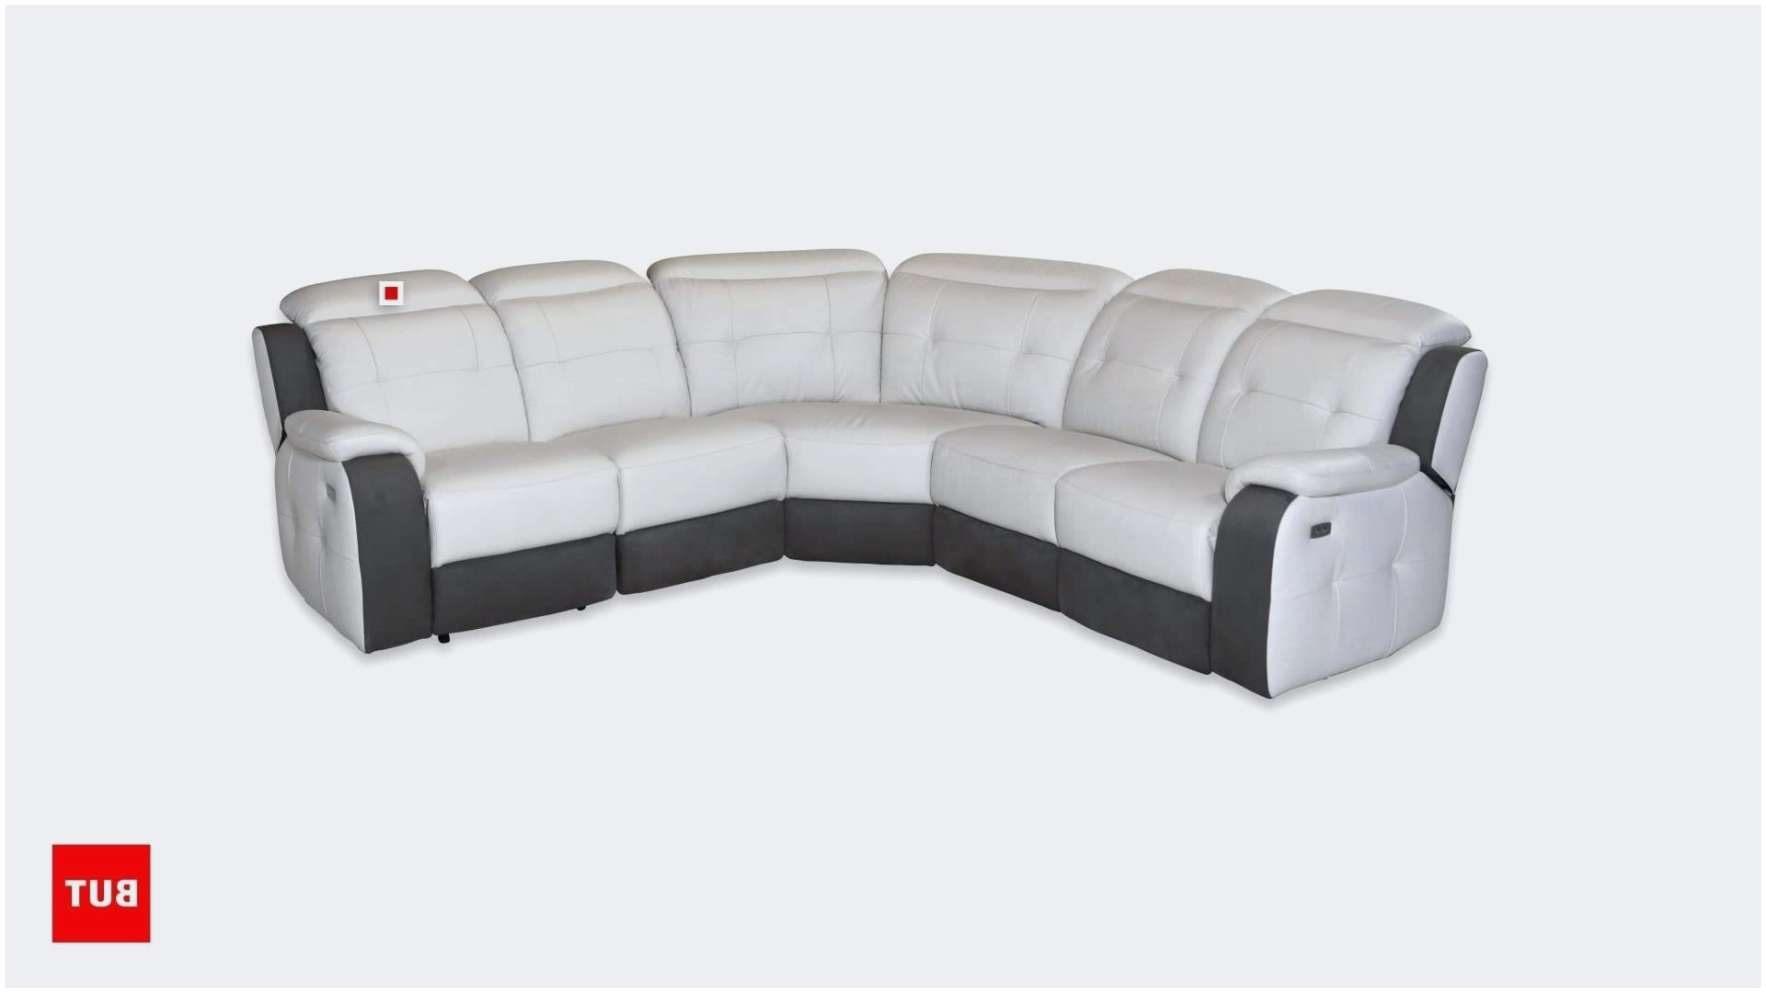 Lit Superposé 3 Places but Beau Nouveau Luxury Canapé Lit Matelas Pour Option Canapé Convertible 2